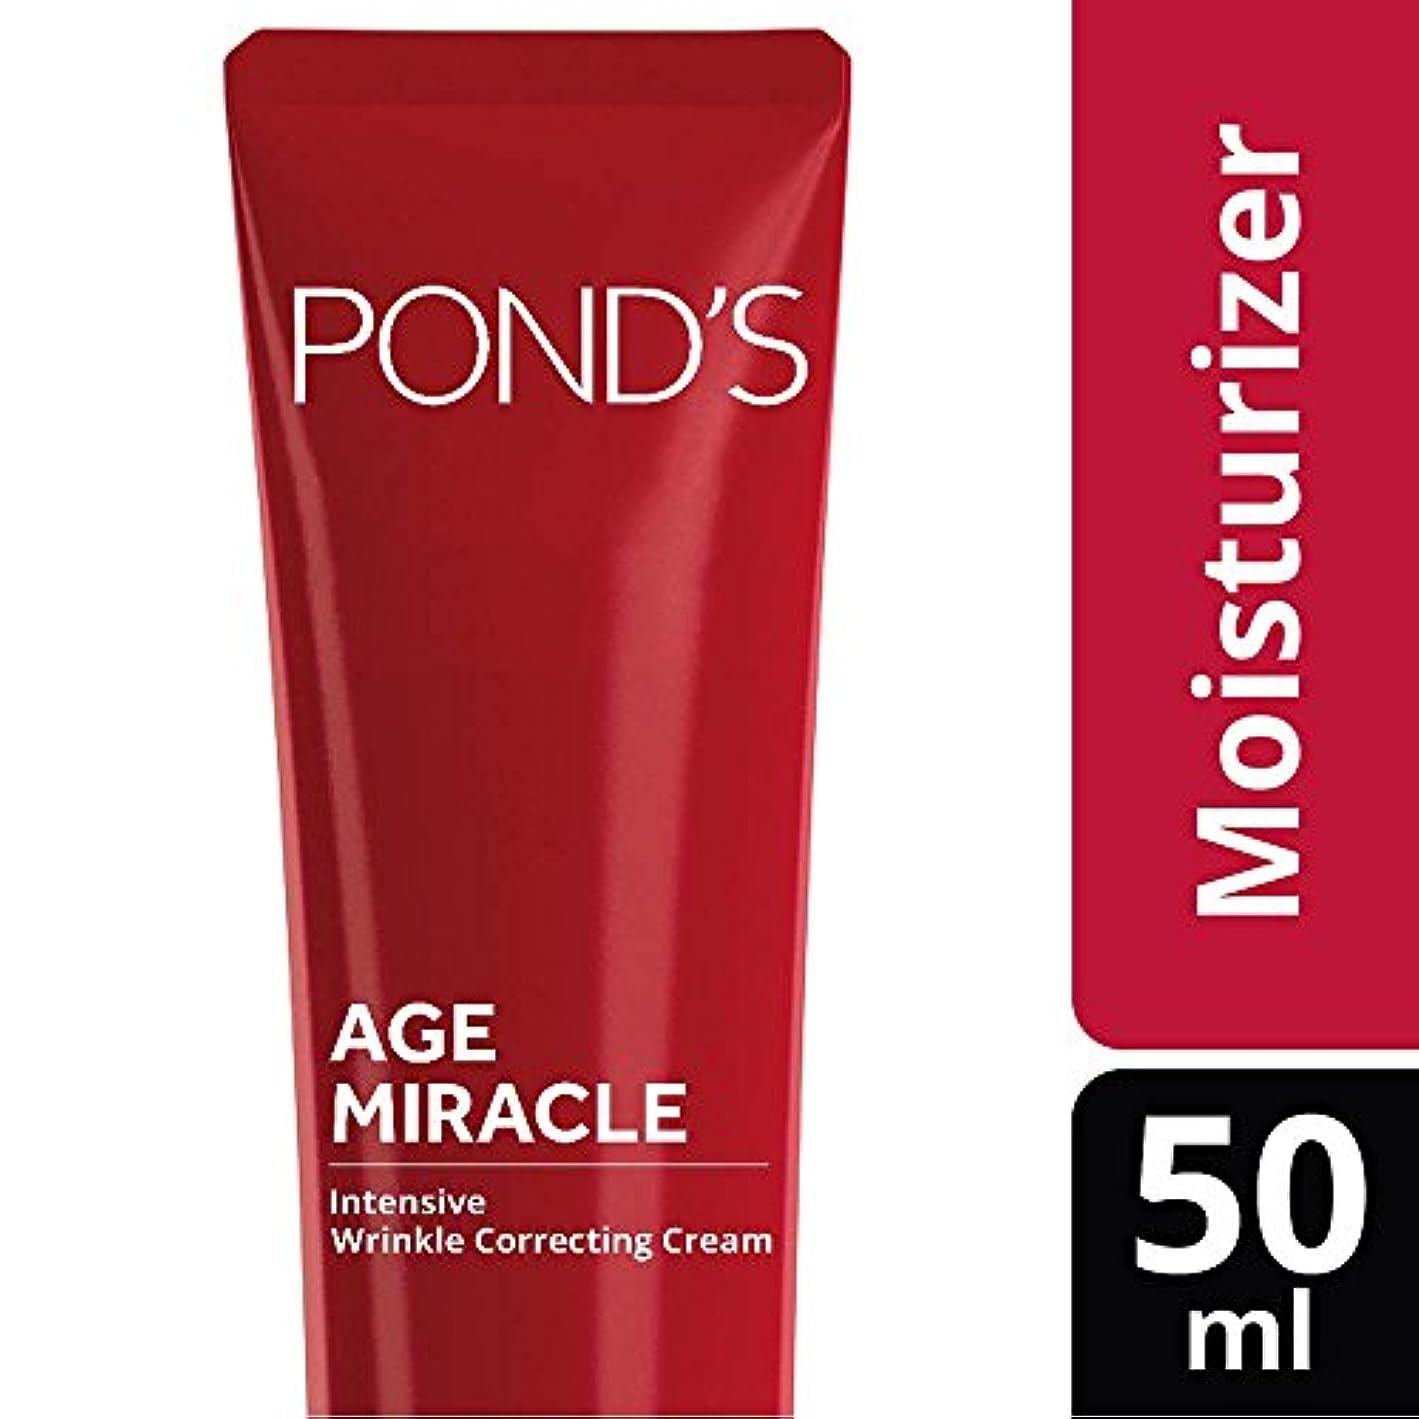 受け皿パイプシニスPond's Age Miracle Intensive Wrinkle Correcting Oil in Cream, 50ml